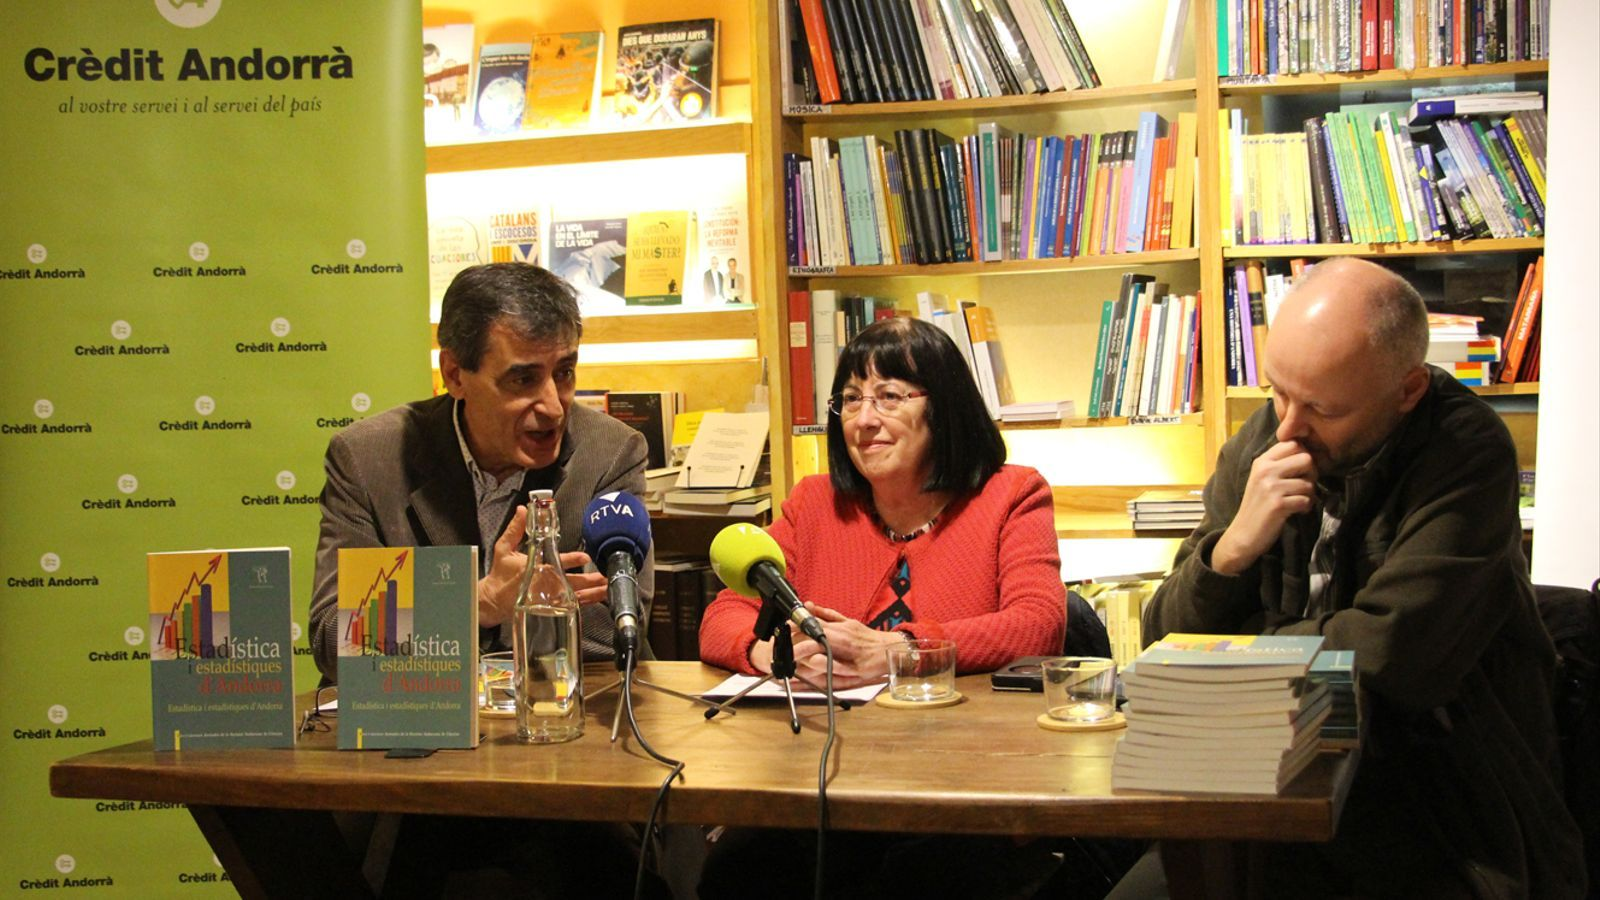 Un moment de la presentació del llibre 'Estadística i estadístiques d'Andorra', aquest dimecres. / M. P. (ANA)